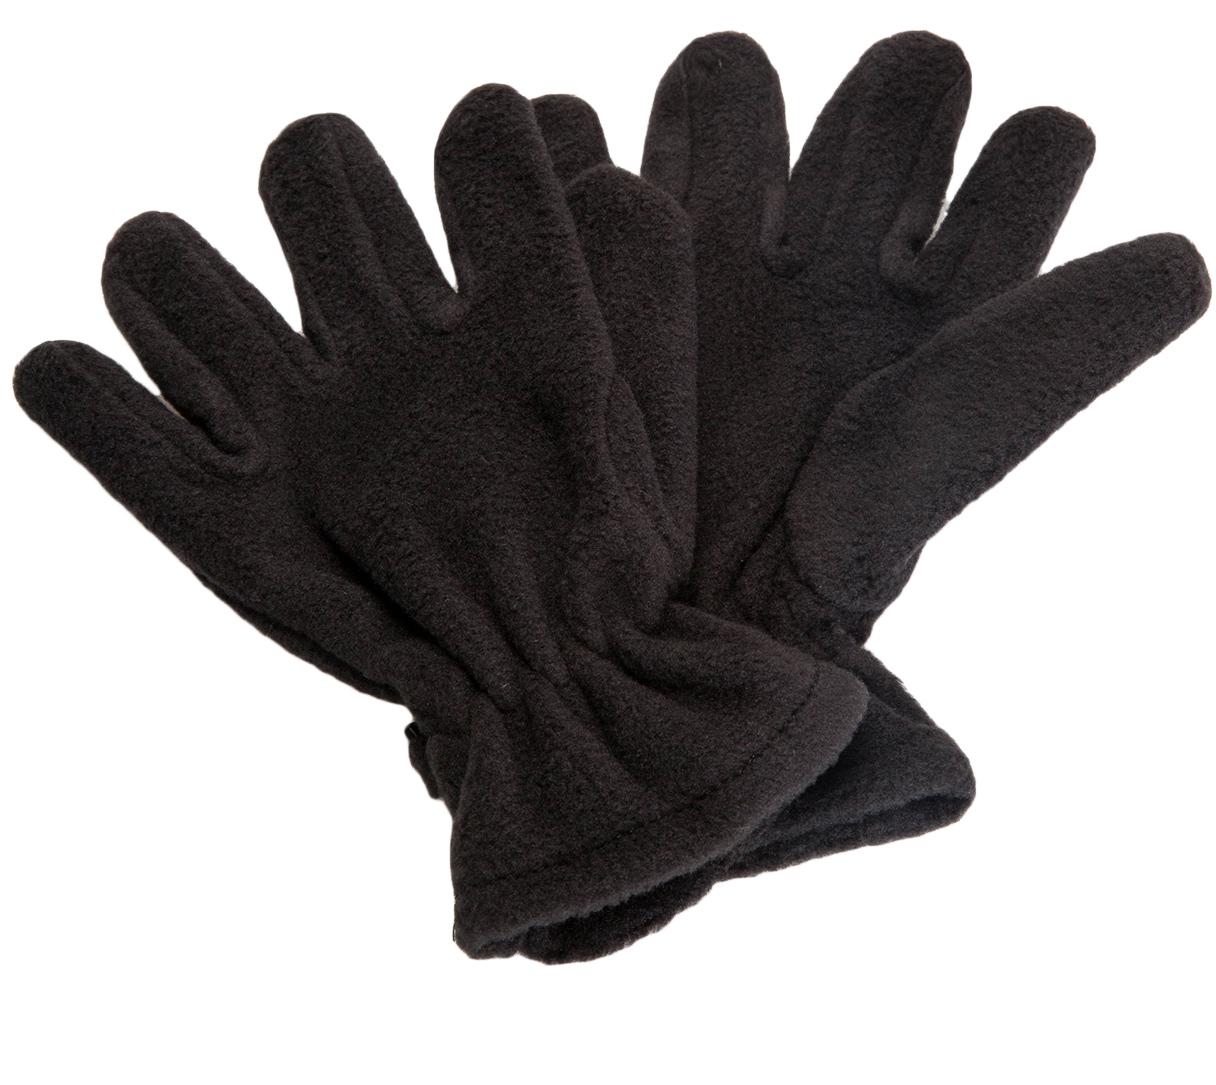 Перчатки для мальчика Acoola Enkos, цвет: черный. 20136420012. Размер L (18)20136420012Детские перчатки - вещь для зимы совершенно необходимая! Мягкие перчатки защитят нежную кожу ребенка, создав уют и комфорт.